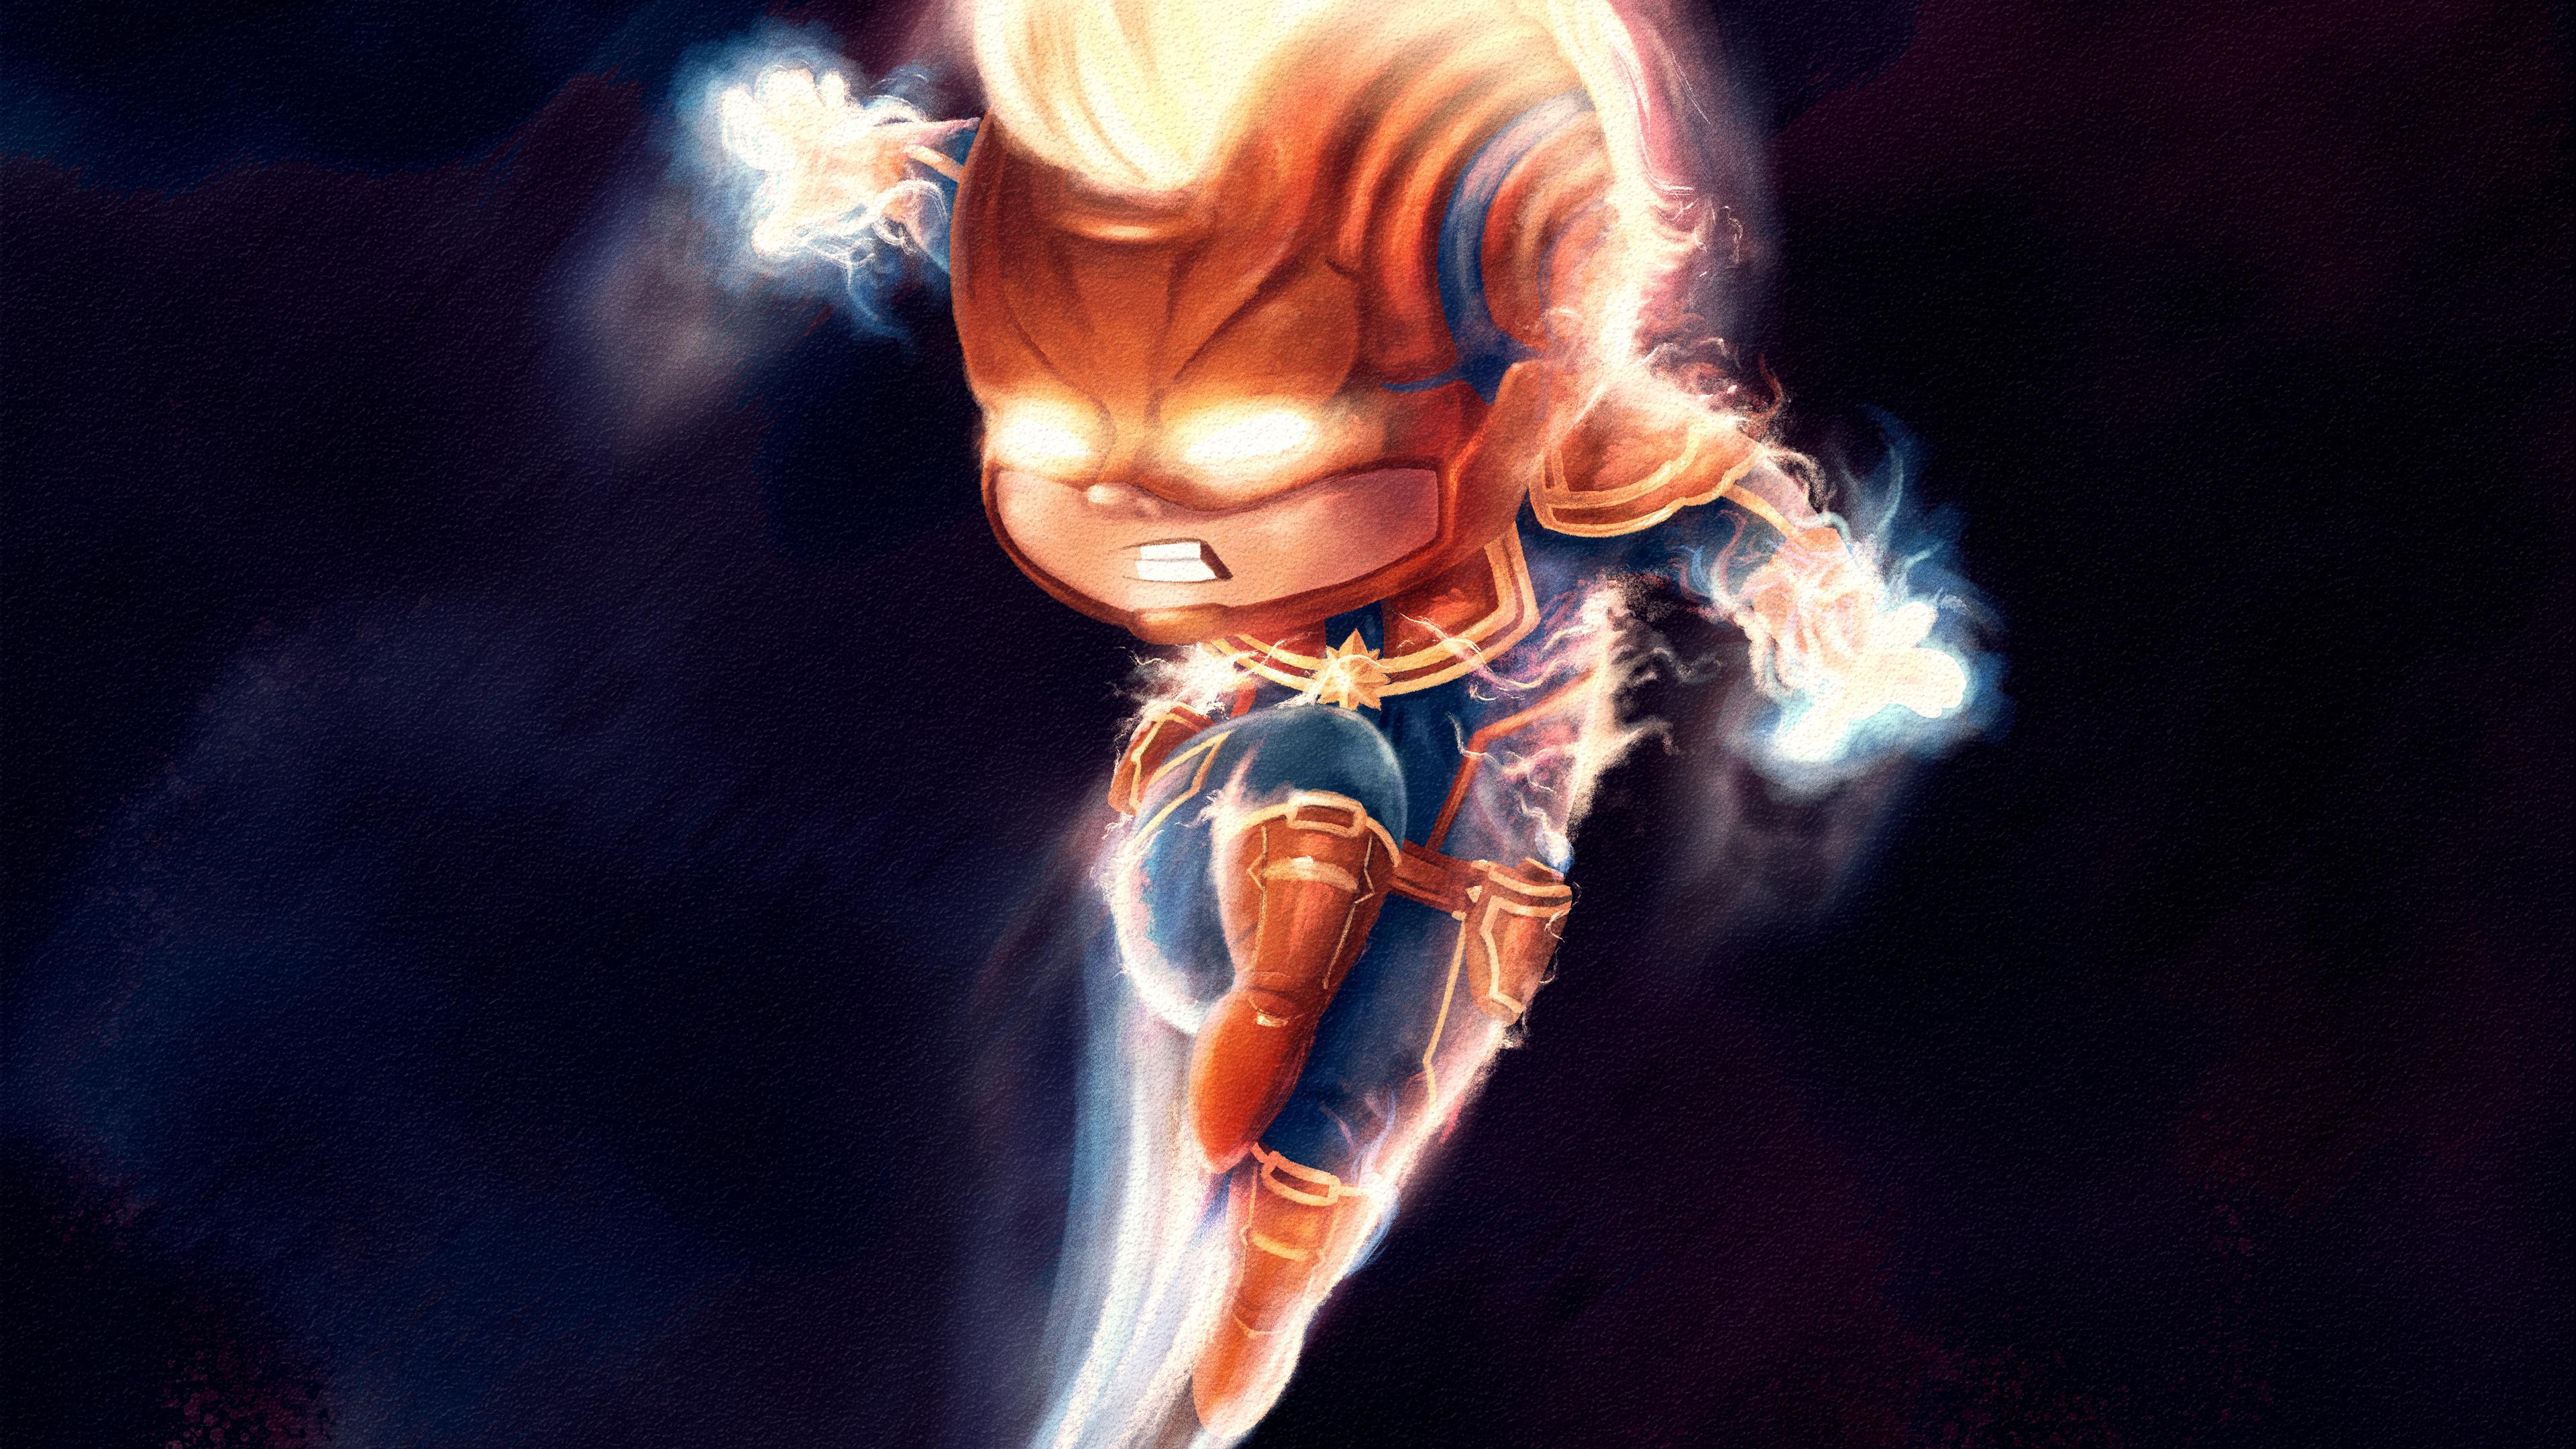 chibi captain marvel 4k artwork 1553072039 - Chibi Captain Marvel 4k Artwork - superheroes wallpapers, hd-wallpapers, captain marvel wallpapers, behance wallpapers, artwork wallpapers, 4k-wallpapers